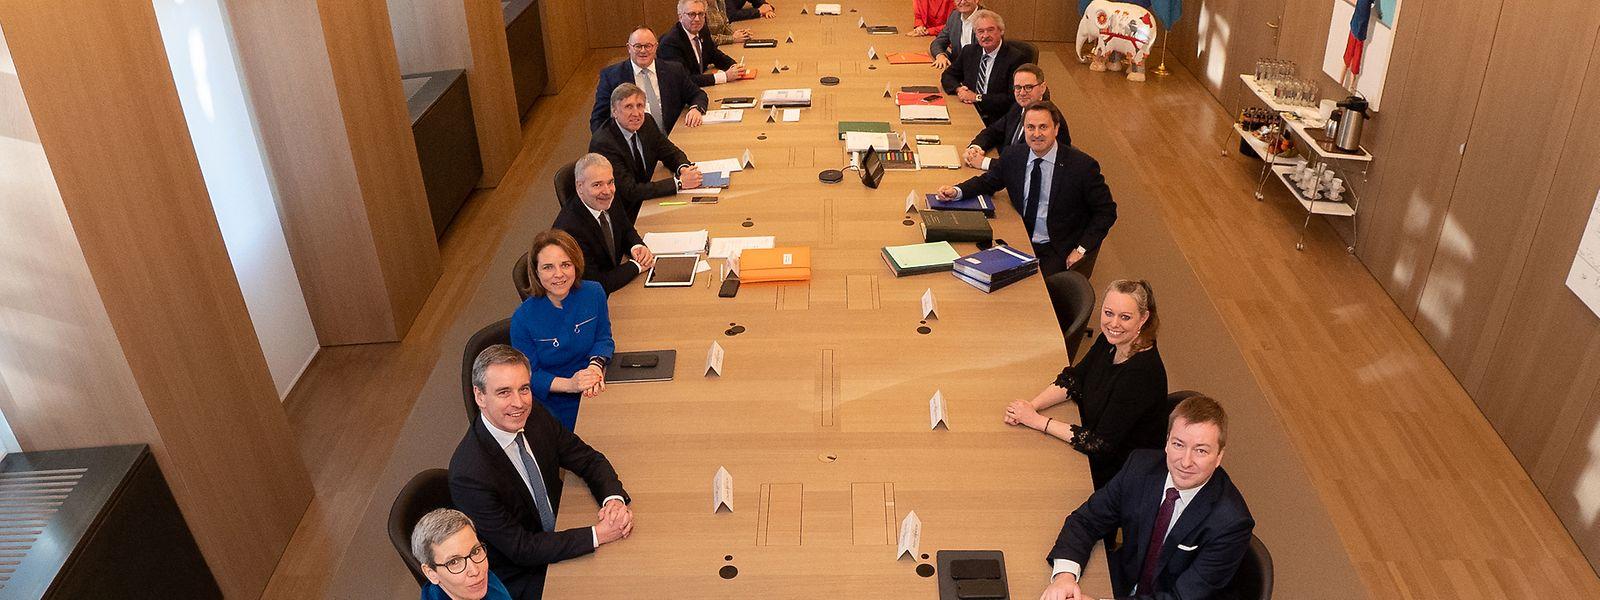 Malgré trois remaniements ministériels depuis 2018, le gouvernement Bettel-Bausch-Kersch recueille 69% d'avis favorables à deux ans des prochaines élections législatives.